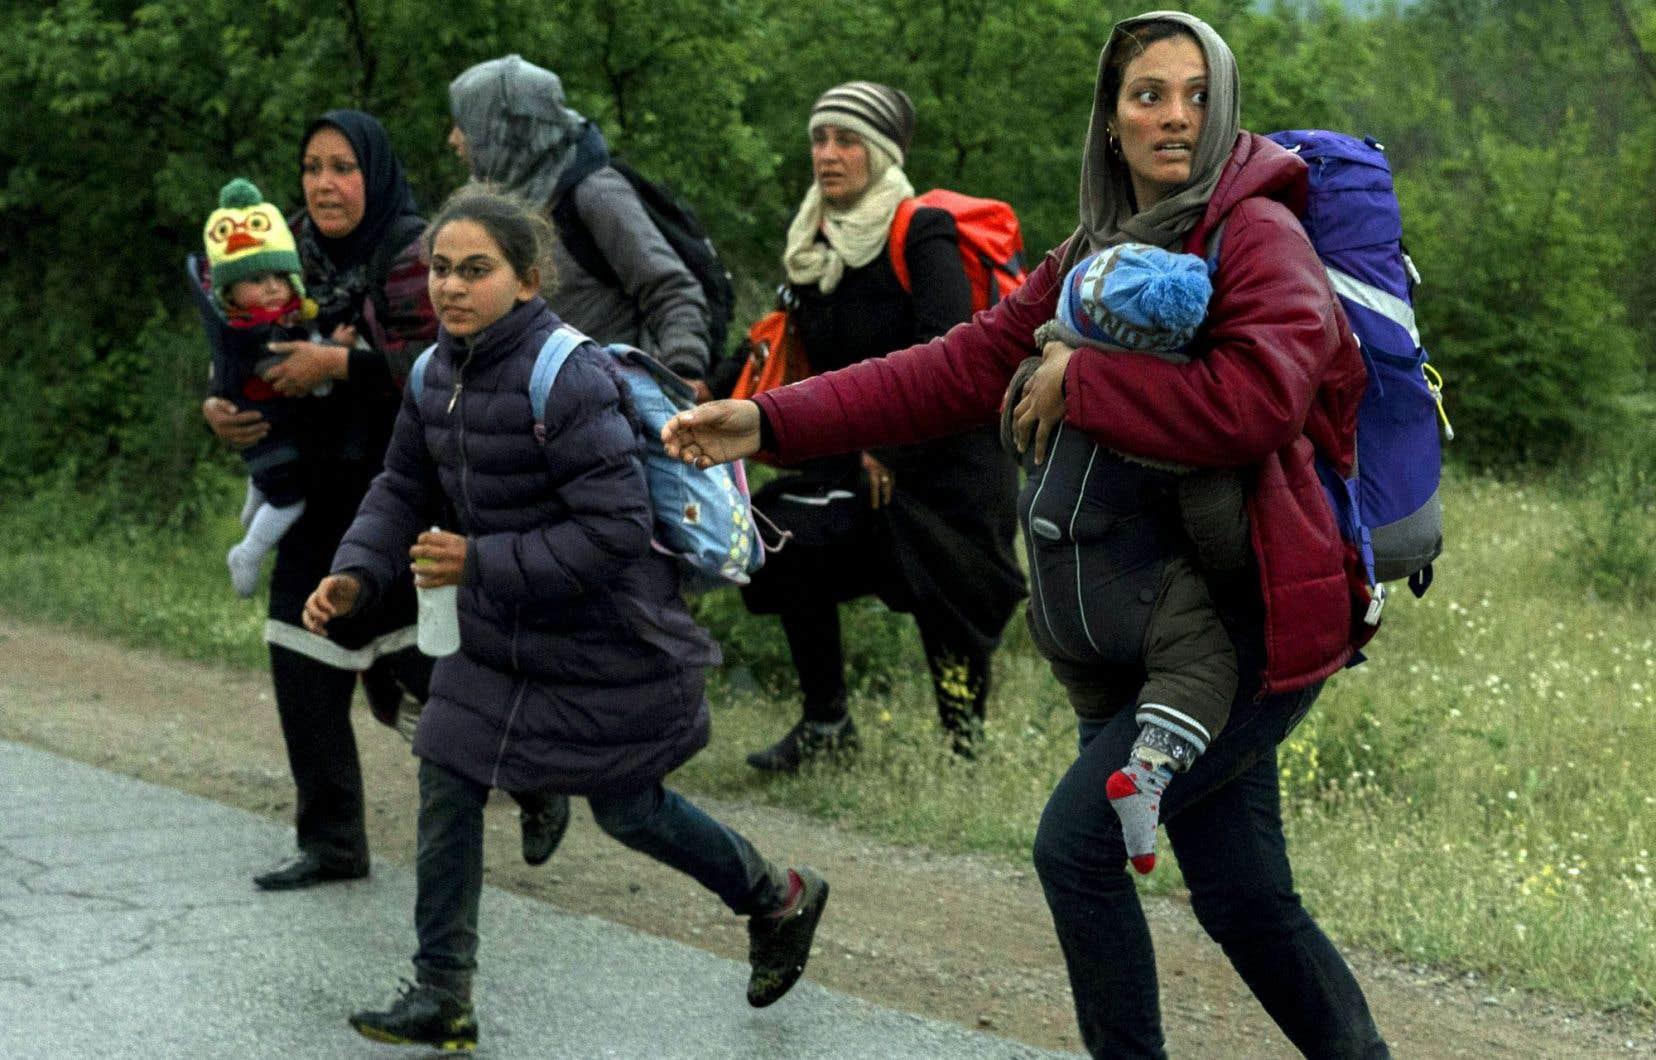 Selon Olivier Barsalou, chercheur postdoctoral à la Faculté de droit de l'Université McGill, sur le plan du vocabulaire, ce n'est jamais clair si on parle de migrants, de déplacés ou de réfugiés. À son avis, il y a des tas de questions qui méritent d'être posées clairement et un colloque lui semble une bonne façon de le faire.